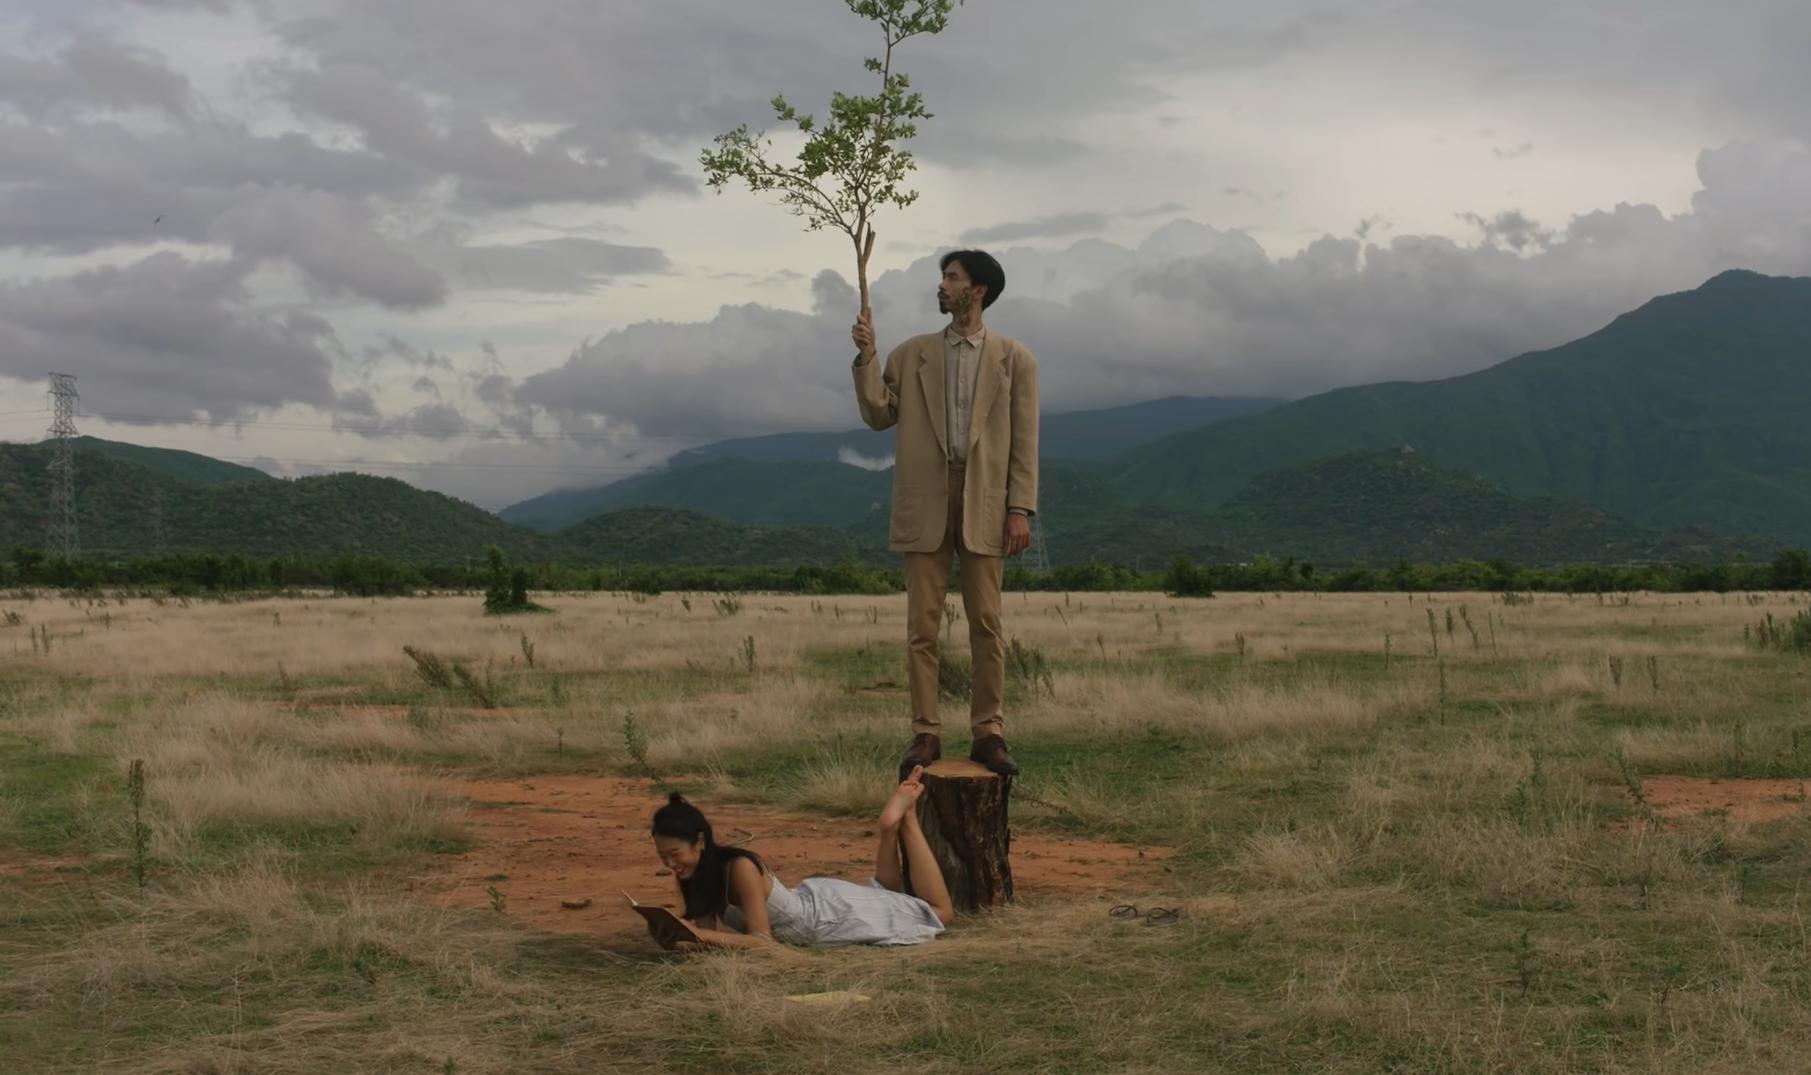 """Khám phá đồng cỏ đẹp như thảo nguyên trong MV """"Trốn tìm"""" của Đen Vâu - 3"""